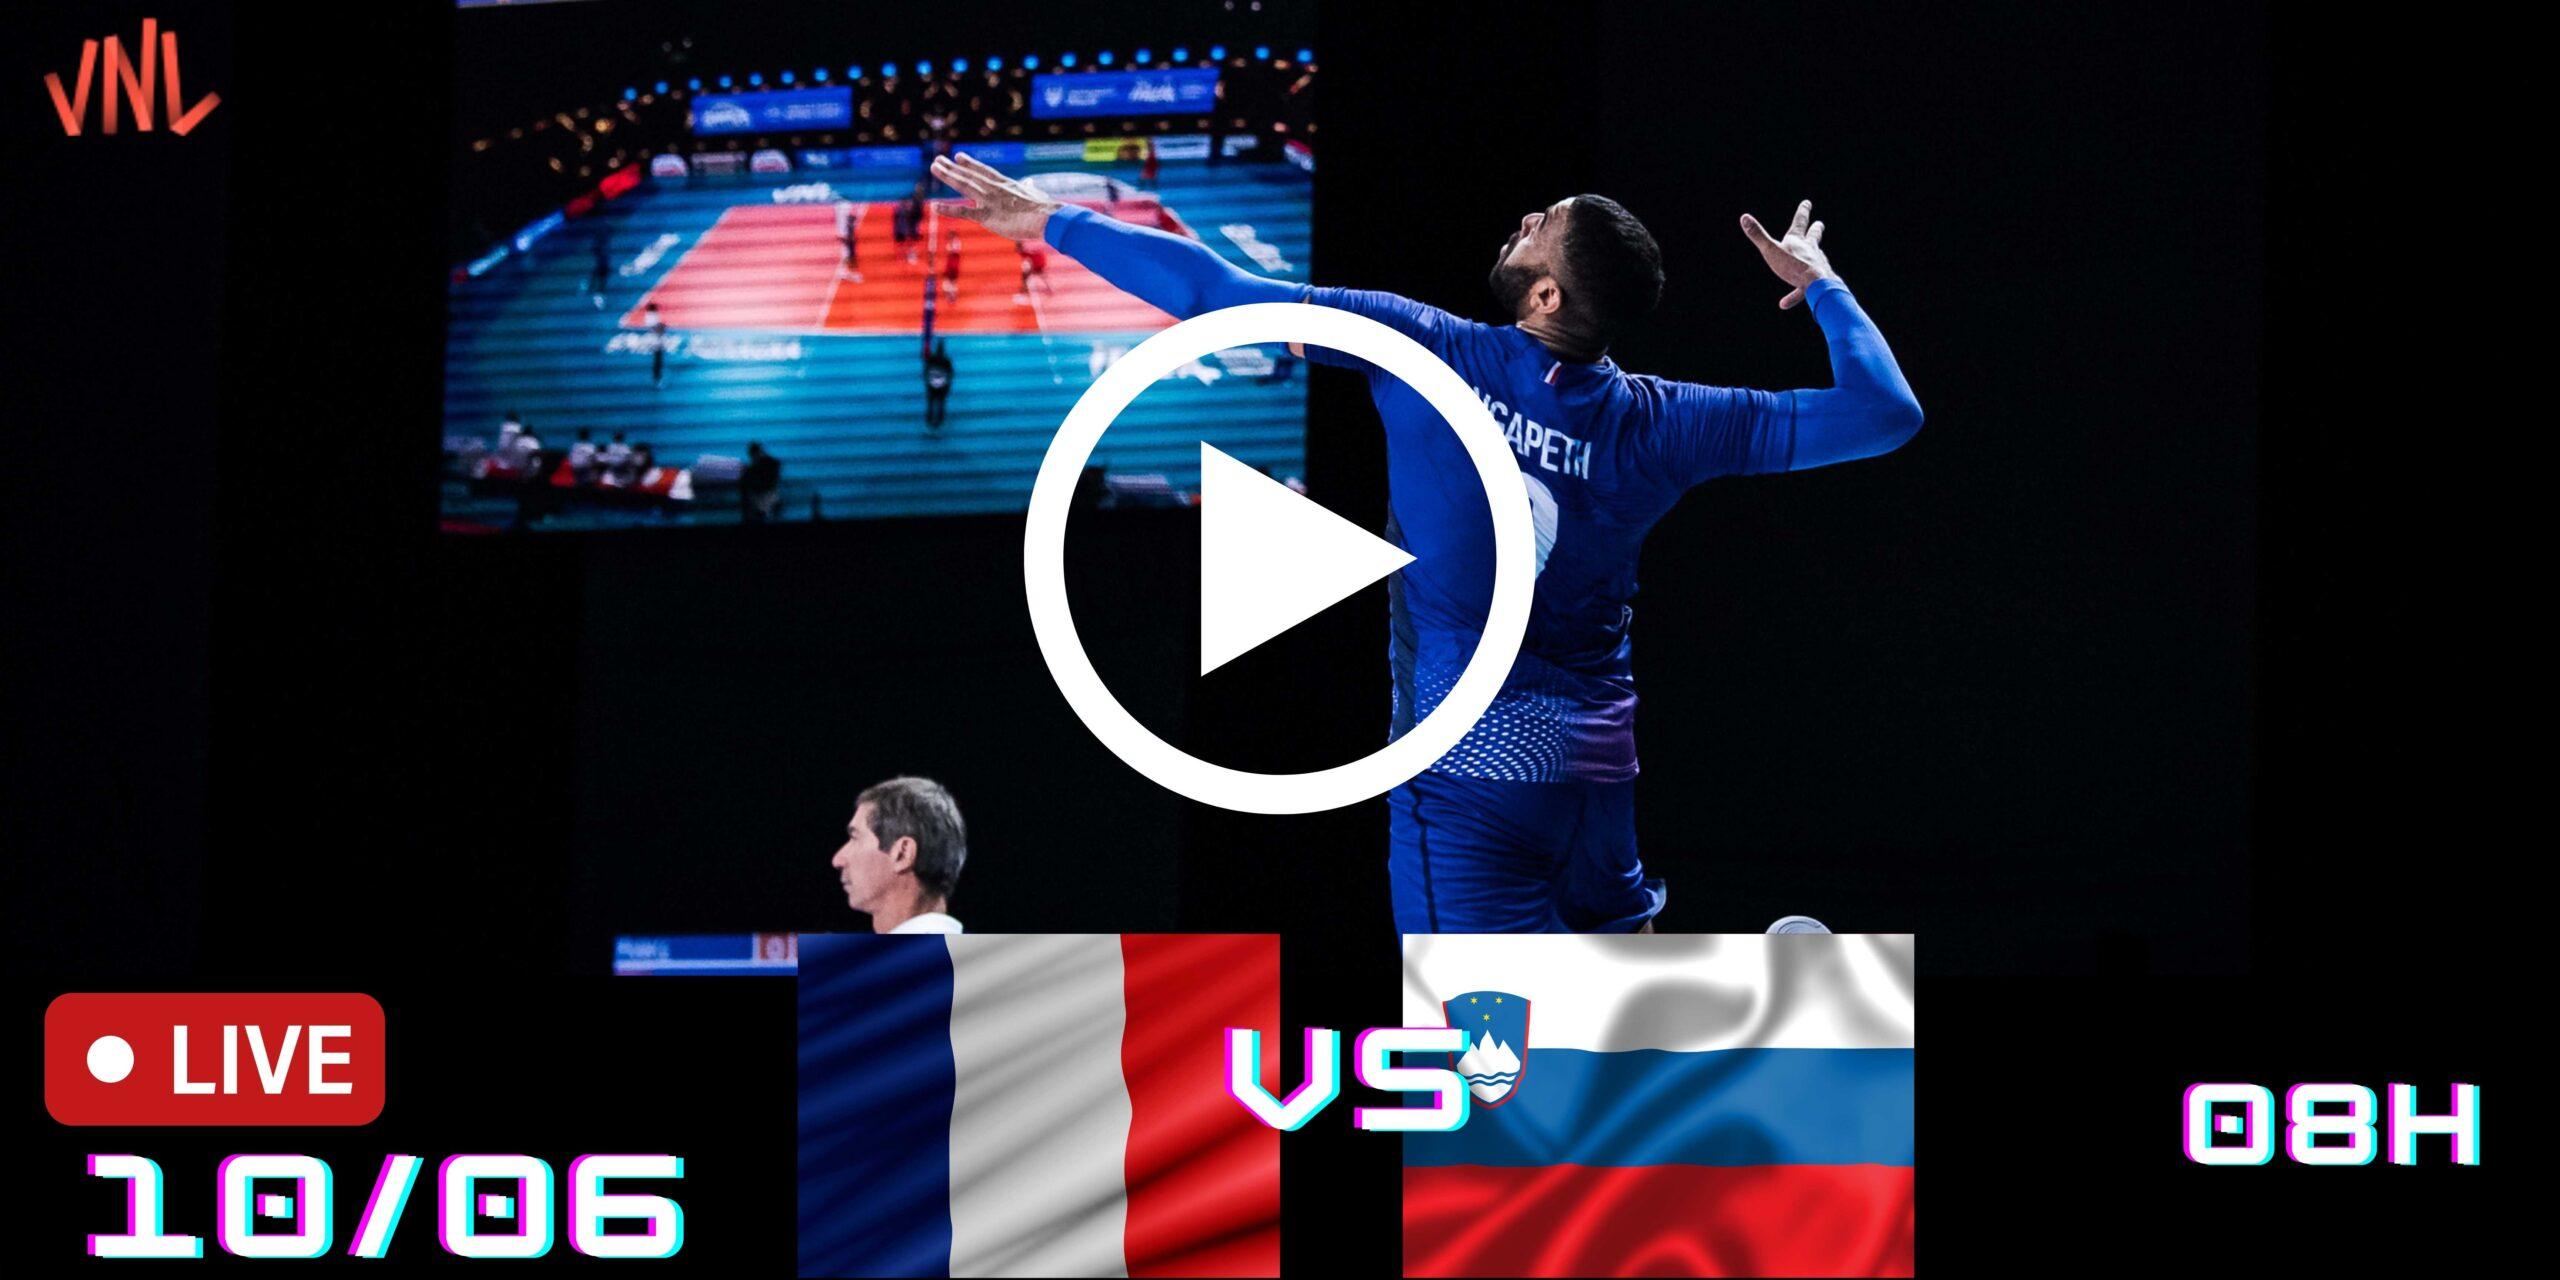 Resultado: França 2 vs 3 Eslovênia – Liga das Nações – 10/06/2021